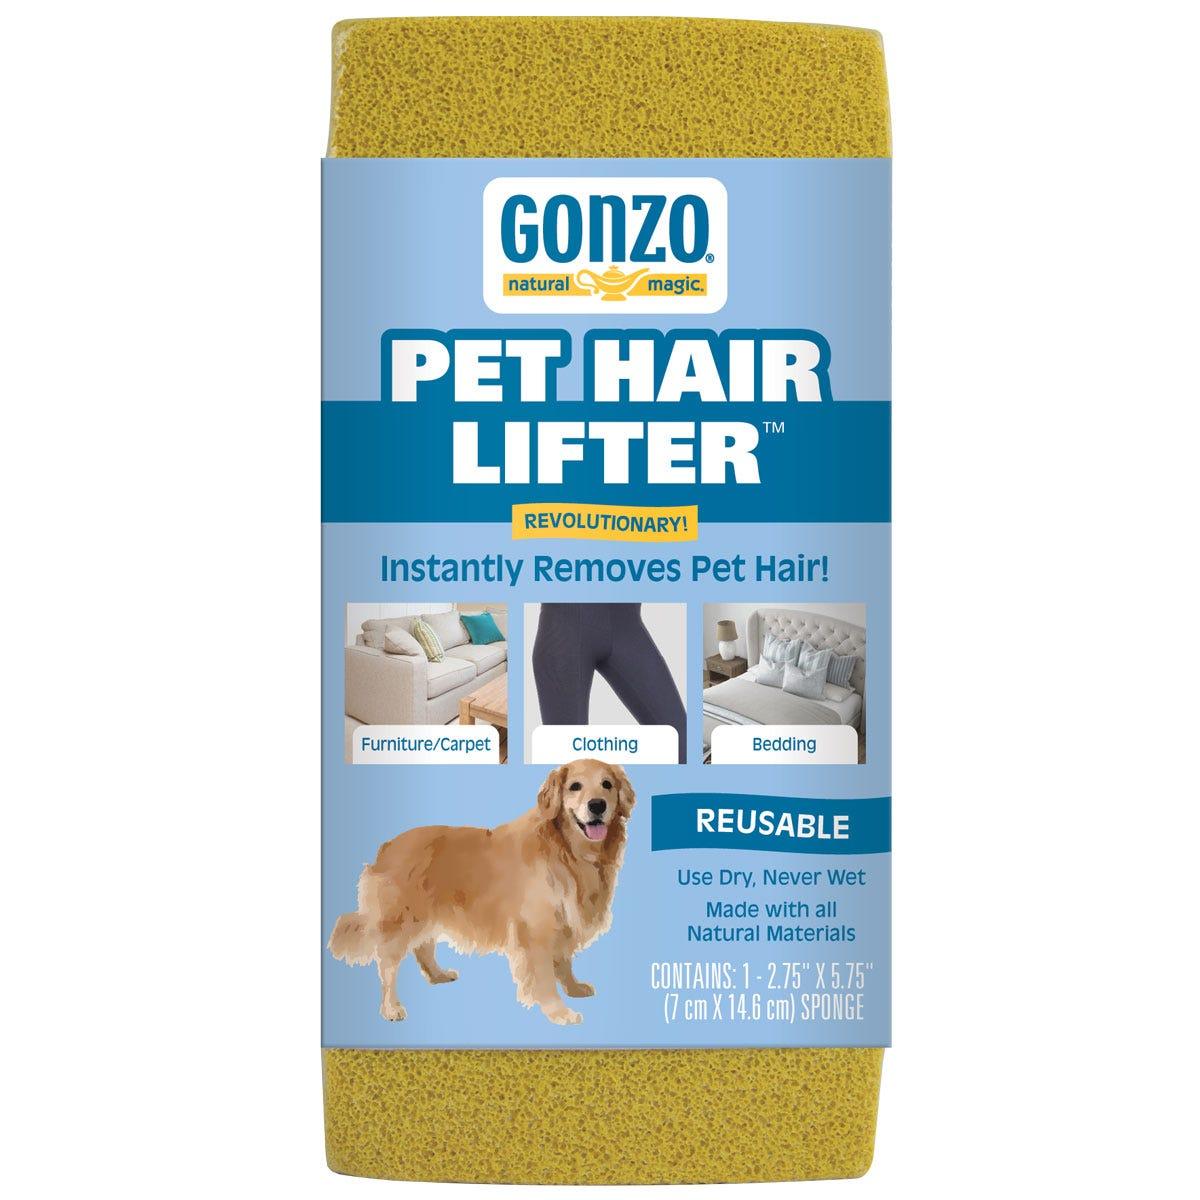 https://googone.com/media/catalog/product/p/e/pet-hair-lifter-sponger_front_1_1.jpg